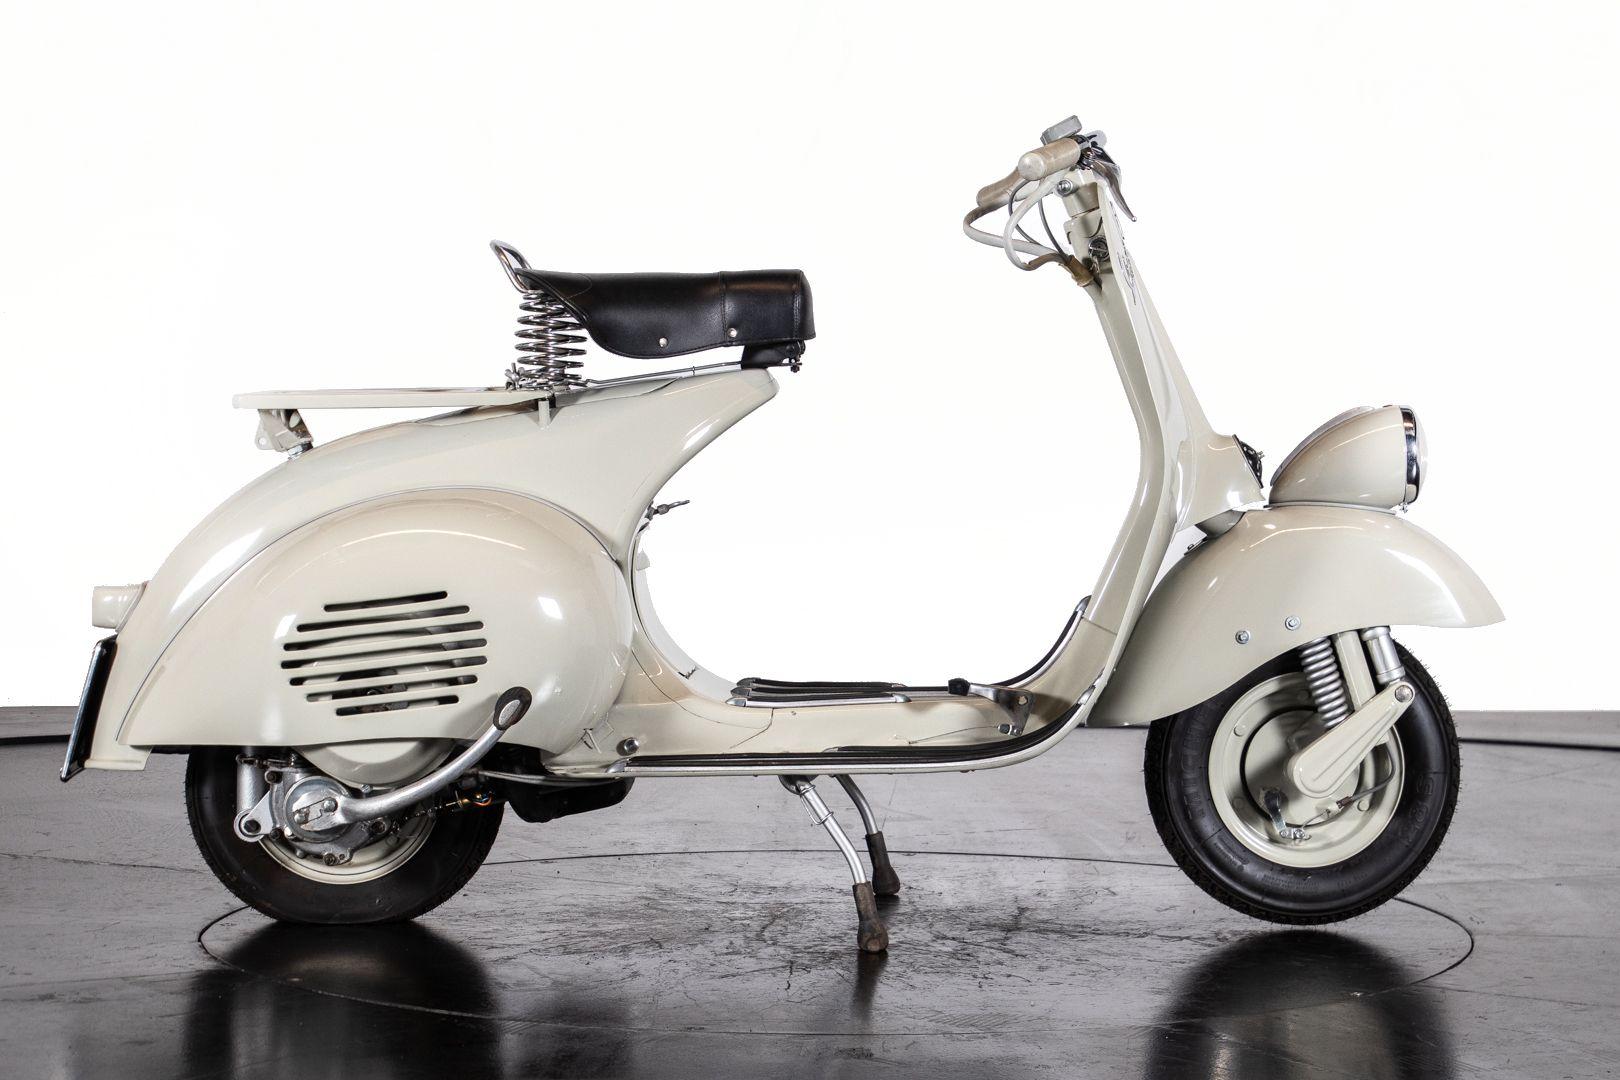 1954 Piaggio Vespa faro basso 56110